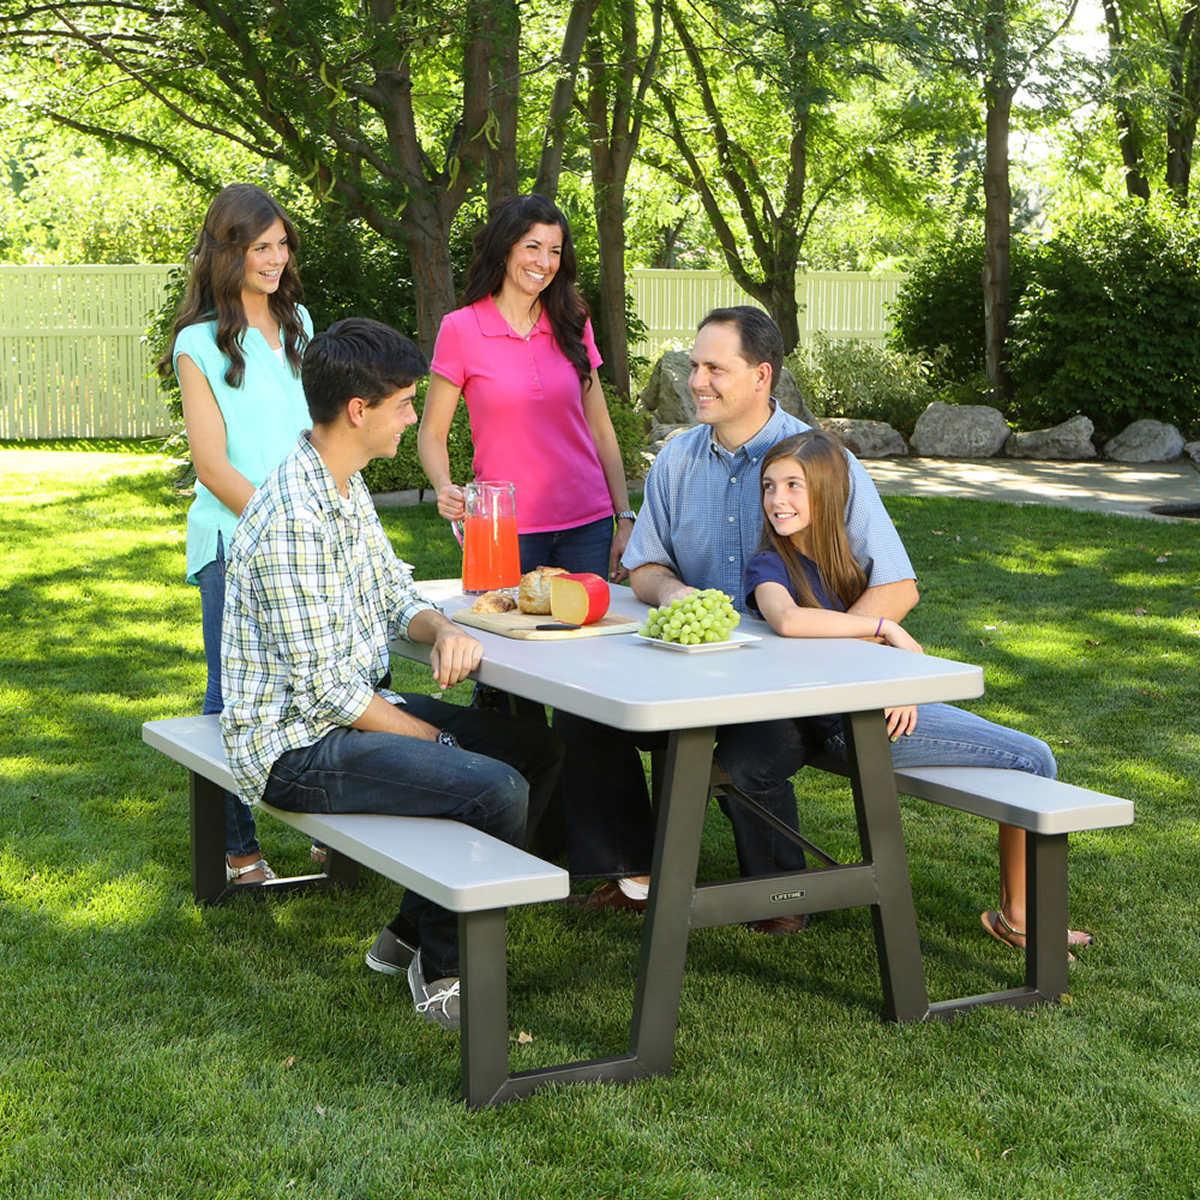 Lifetime 6 ft Folding Picnic Table